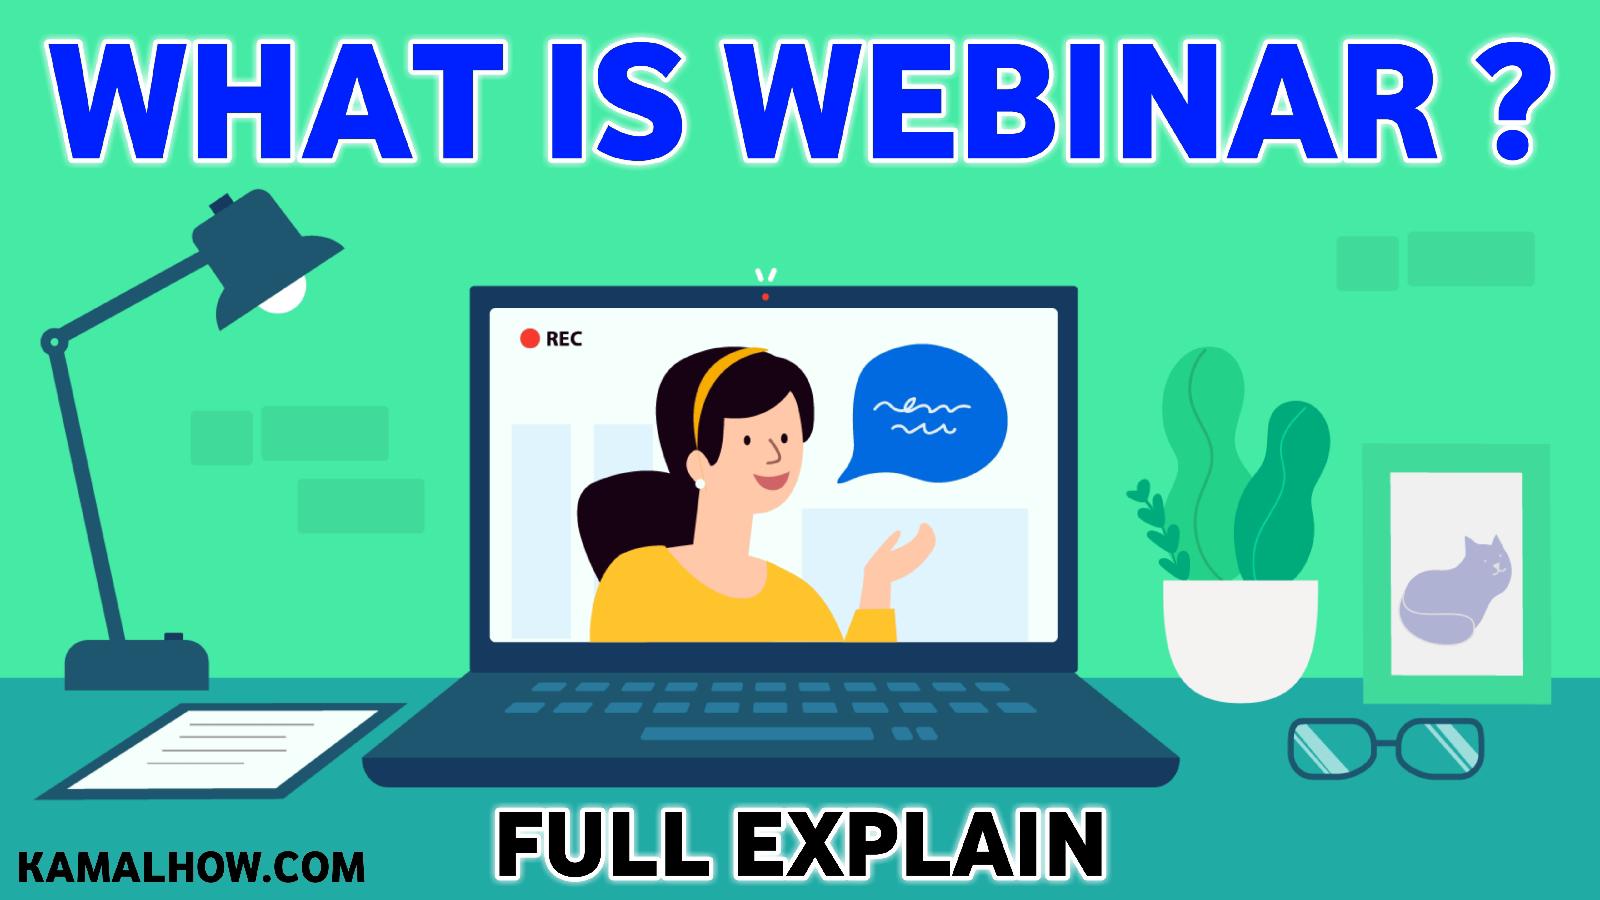 Webinar क्या है वेबिनार बिज़नेस कैसे शुरू करे?, What is a webinar? | Webinar & Online Seminar, webinar hindi, webinar kya hai poori jankari hindi main, webinar kya hota hai in hindi, webinar kya hota hai in english, webinar means kya hota hai, what is webinar in hindi, what is webinar series, webinar kaise use kare, webinar kaise join kare, webinar registration kaise kare, what is webinar in zoom, what is webinar software, what is webinar meaning